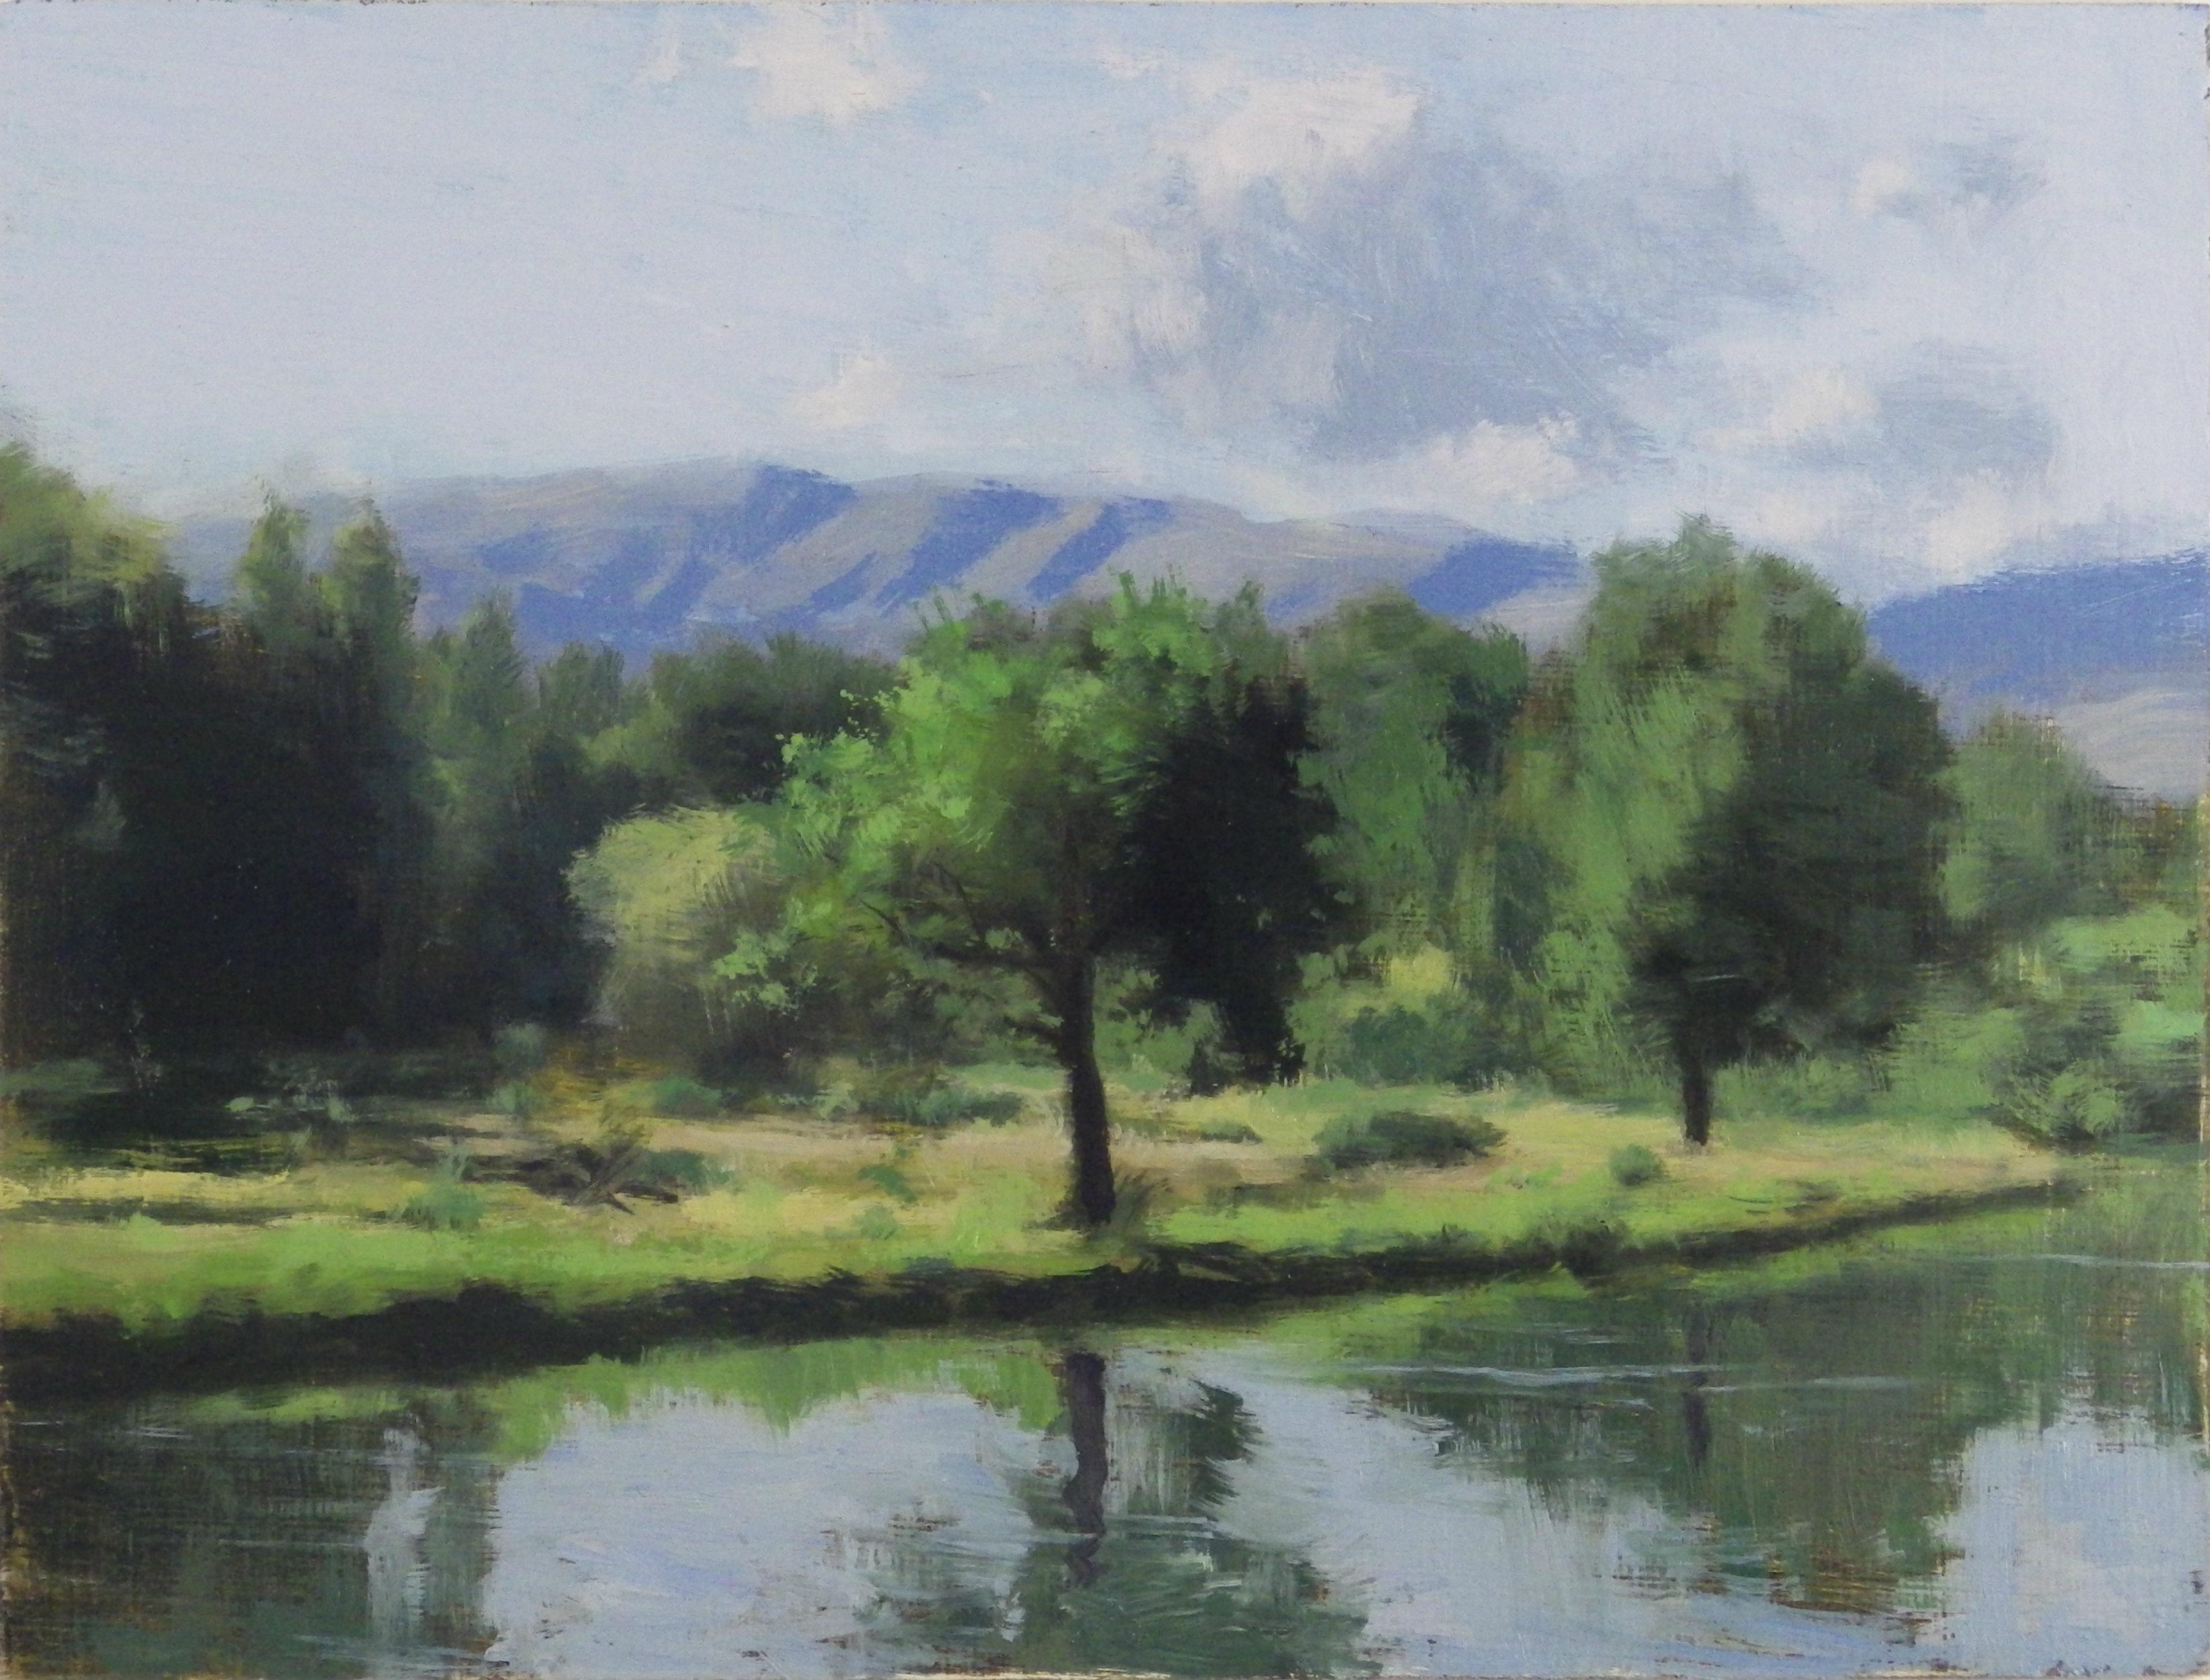 7-17-14 Boise River Calm